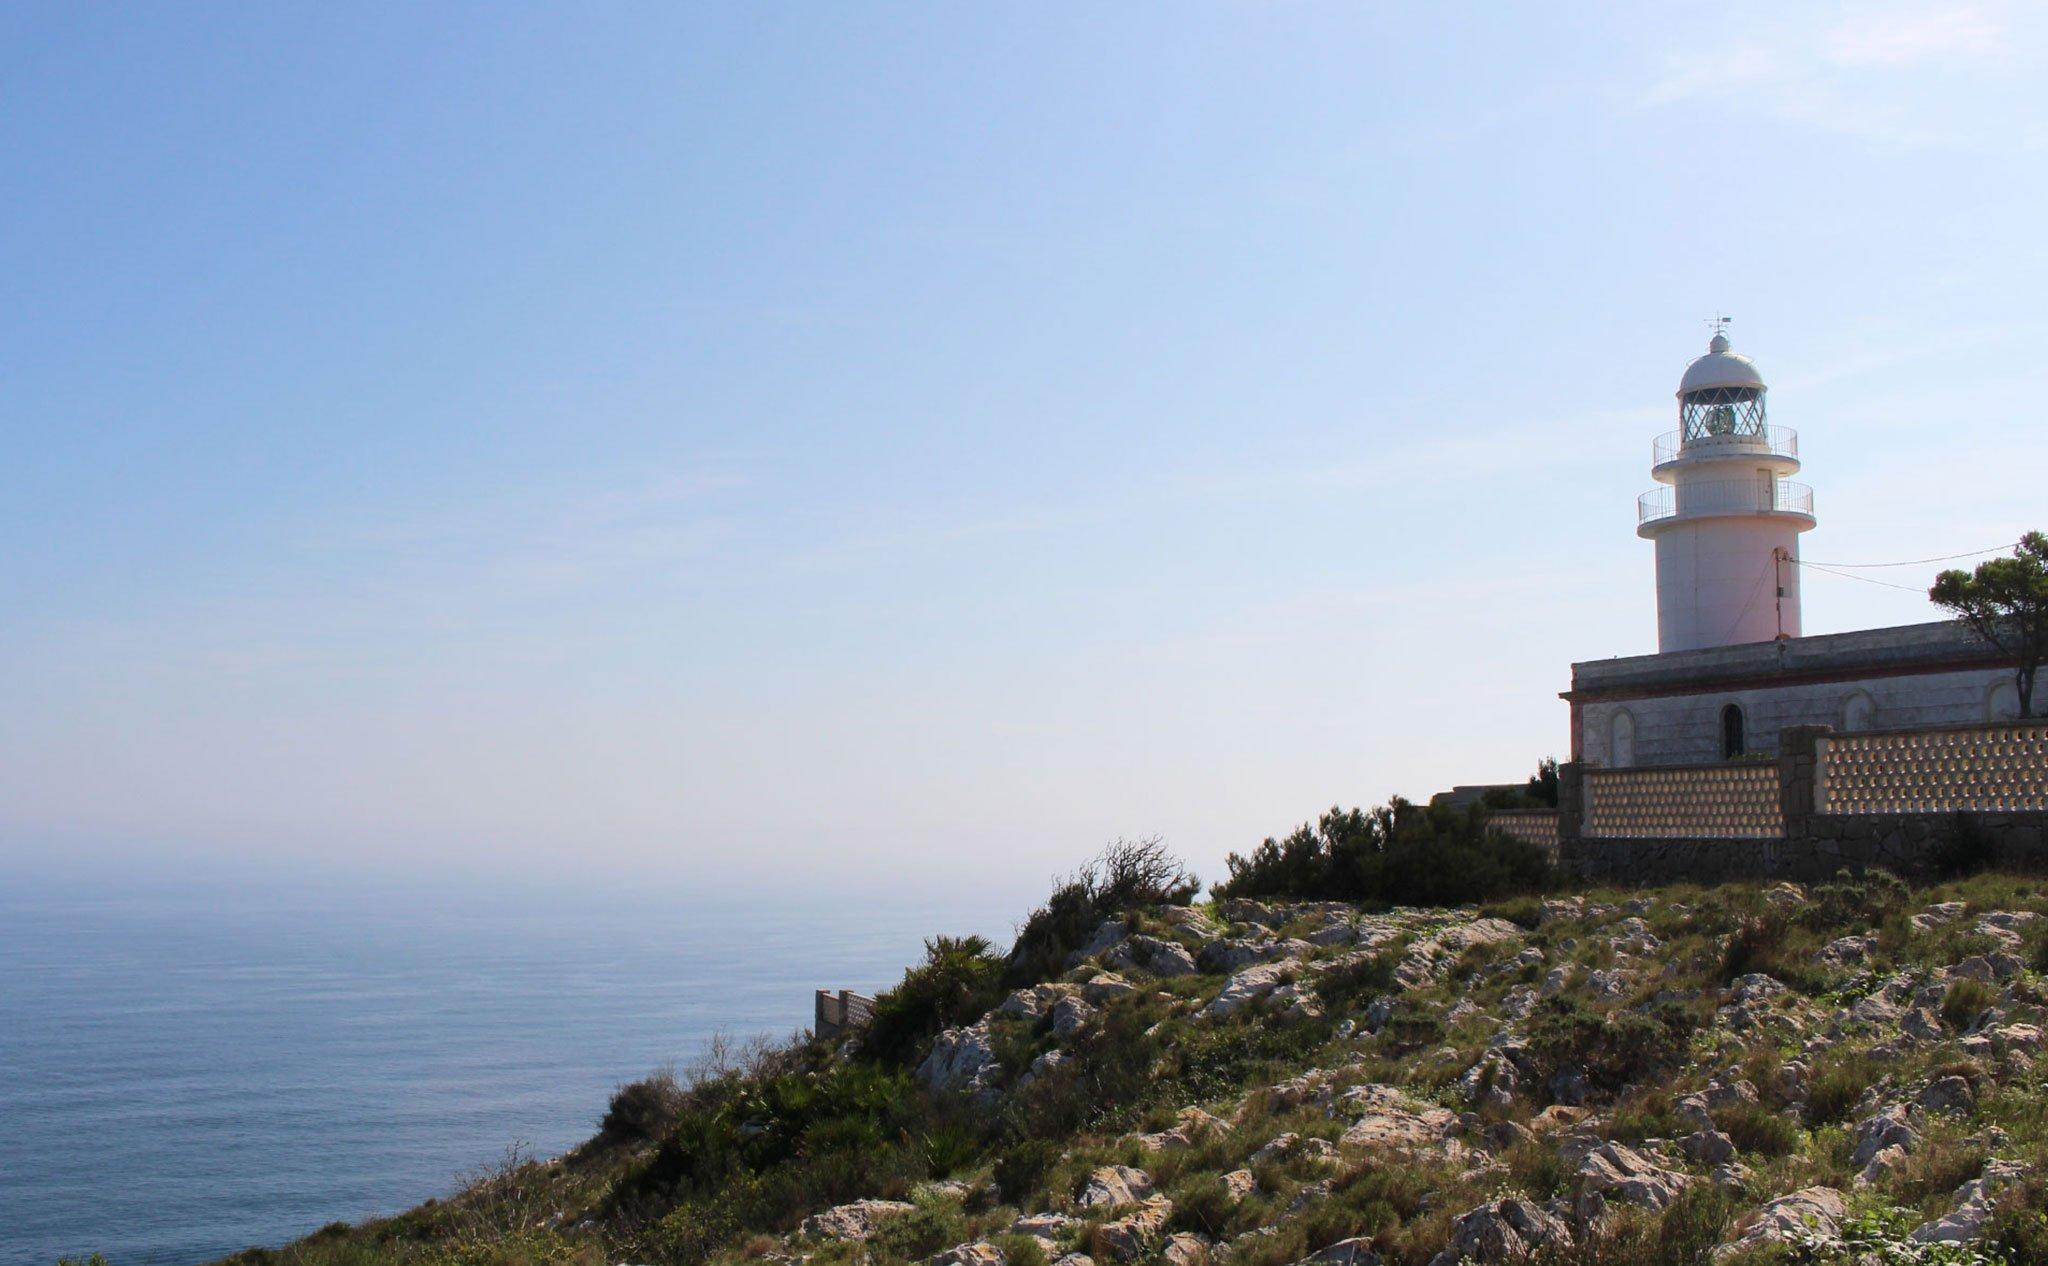 Vista del faro del Cabo de San Antonio con el mar al fondo